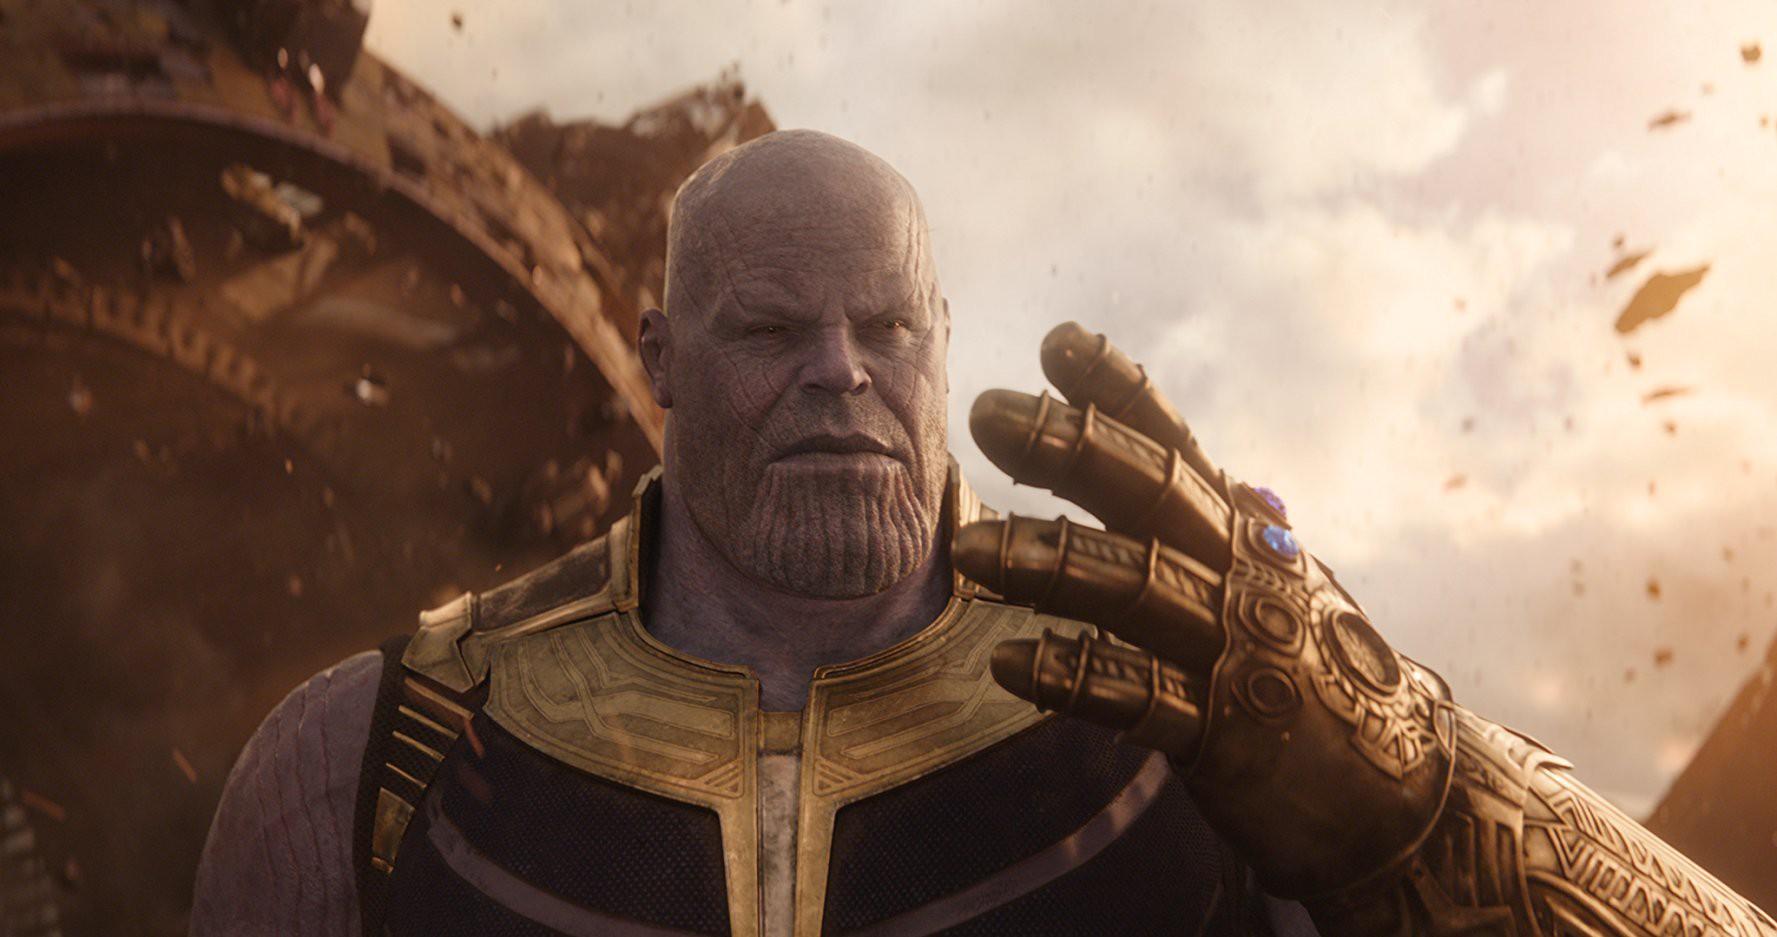 """""""Avengers: Infinity War"""": Cực phẩm siêu anh hùng đặt dấu mốc ấn tượng tại đỉnh cao 10 năm của vũ trụ điện ảnh Marvel - Ảnh 8."""